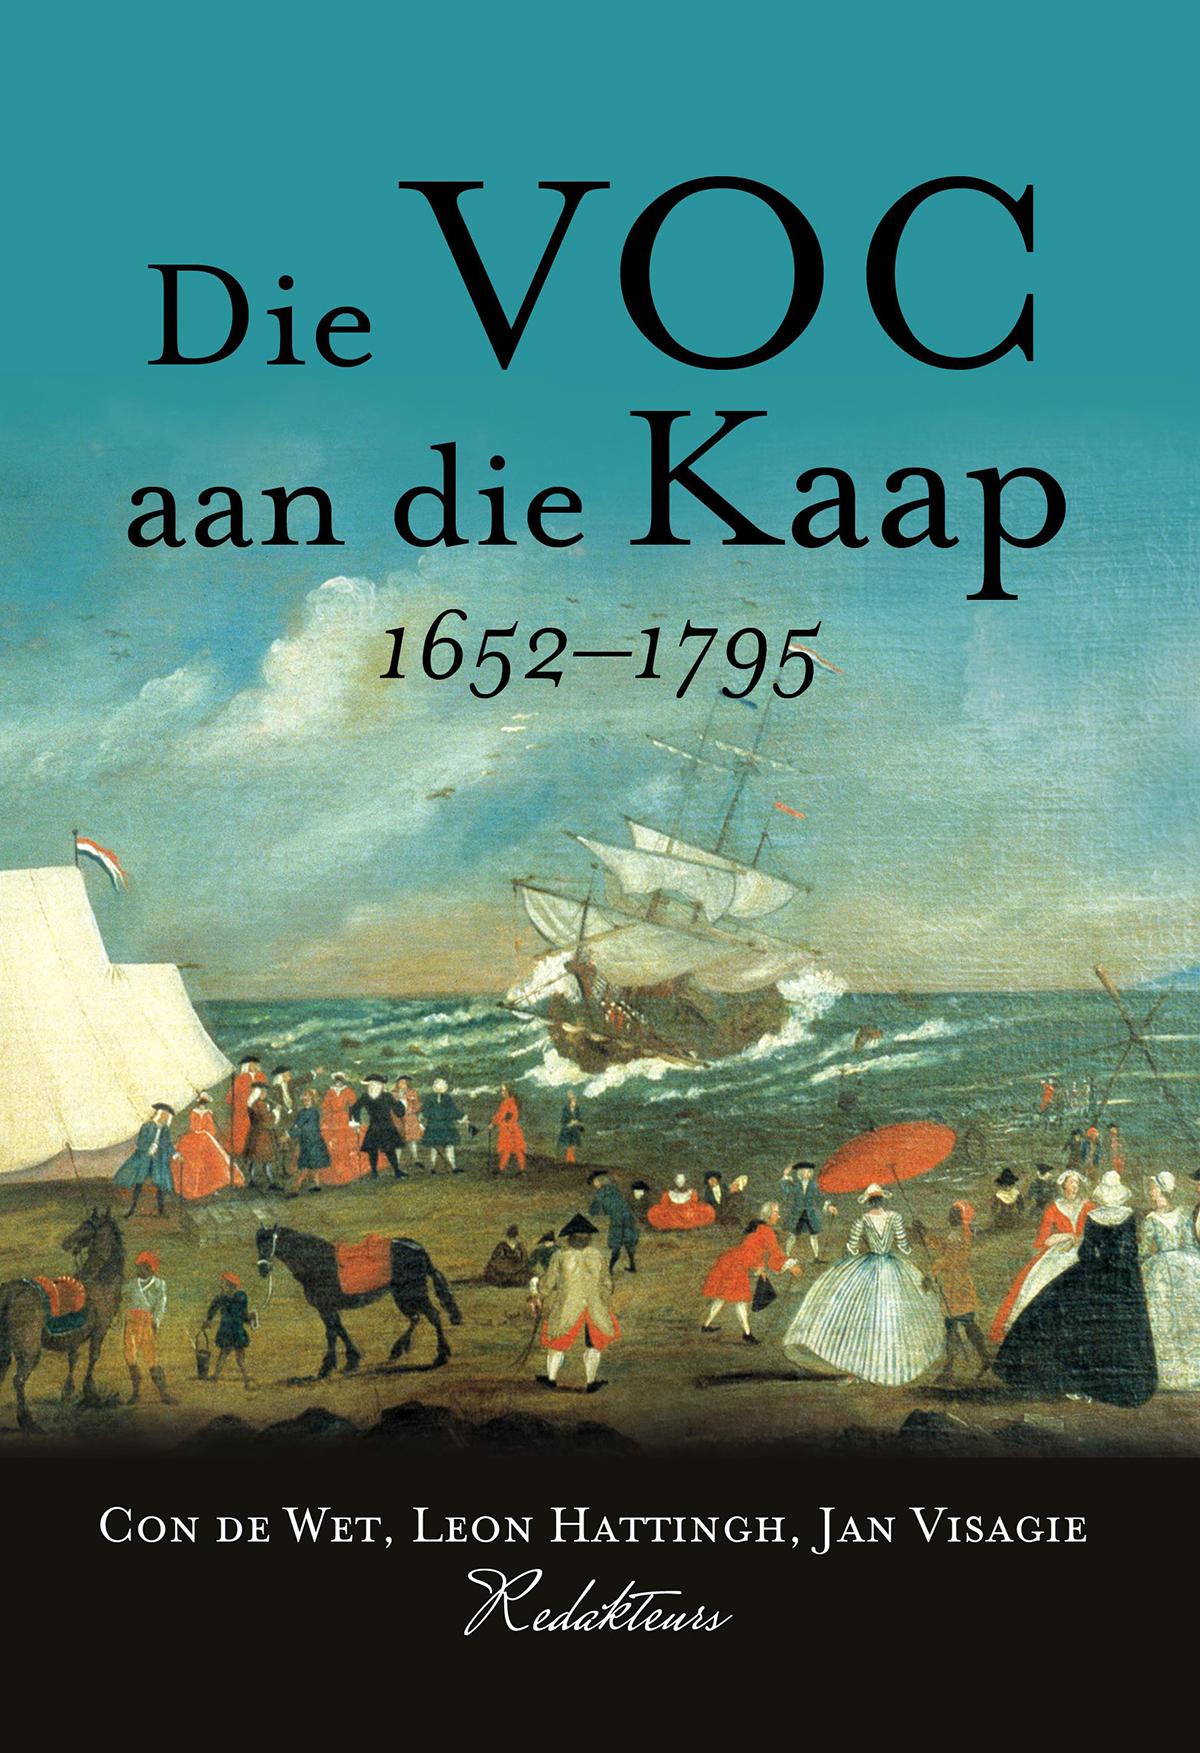 Die VOC aan die Kaap, 1652 - 1795